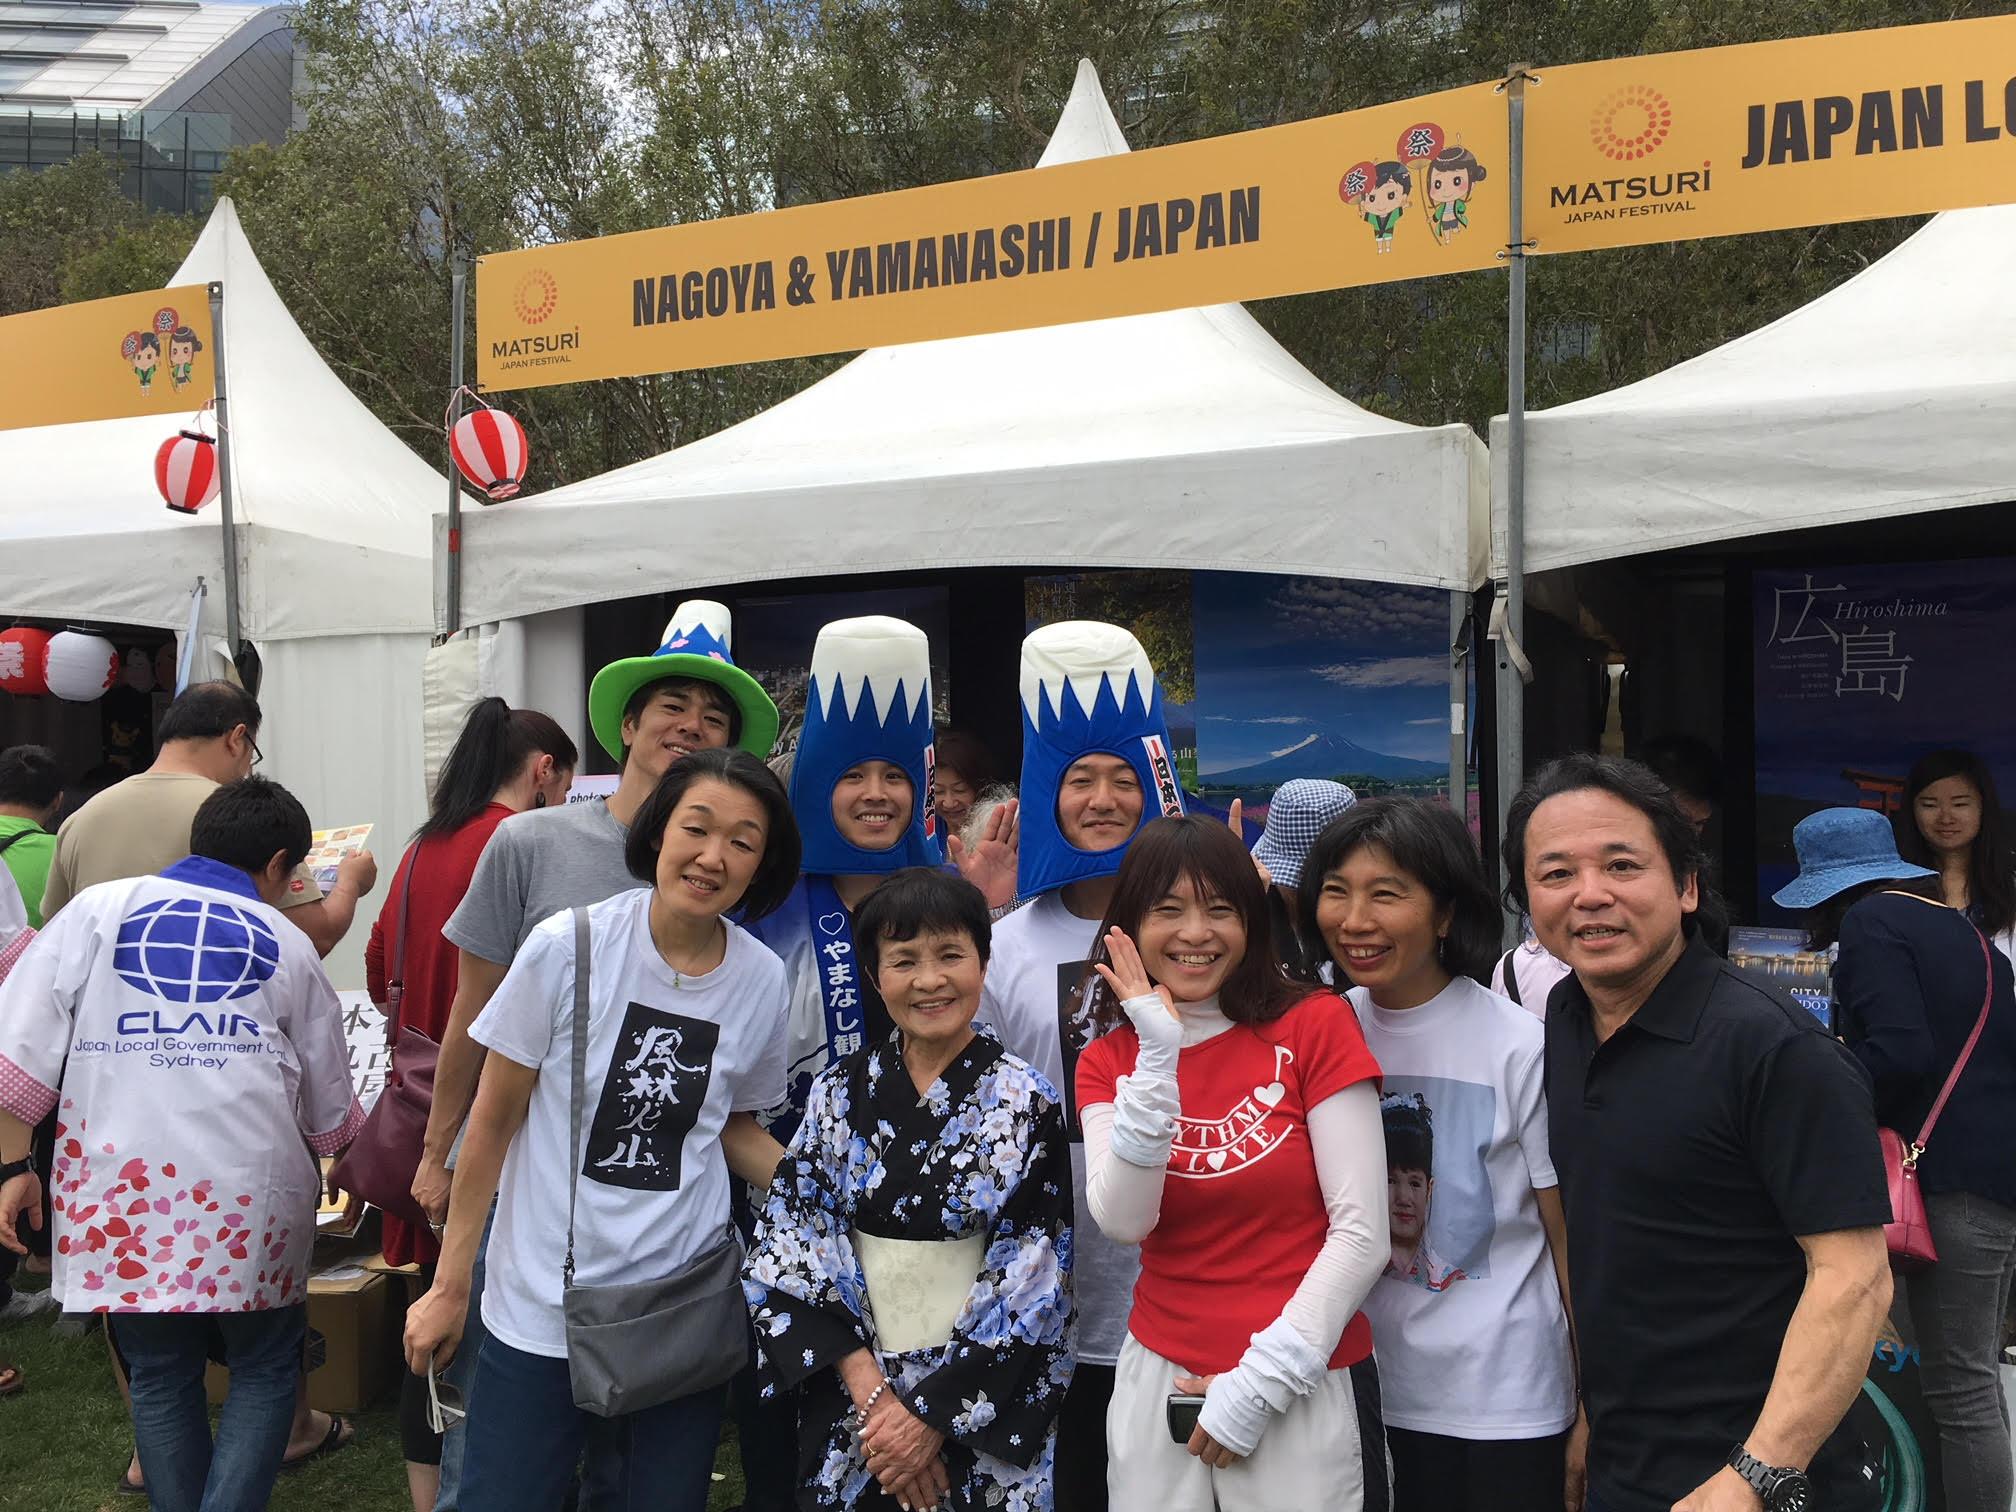 シドニーやまなし県人会、Japan Matsuri Festivalで山梨県をプロモーション